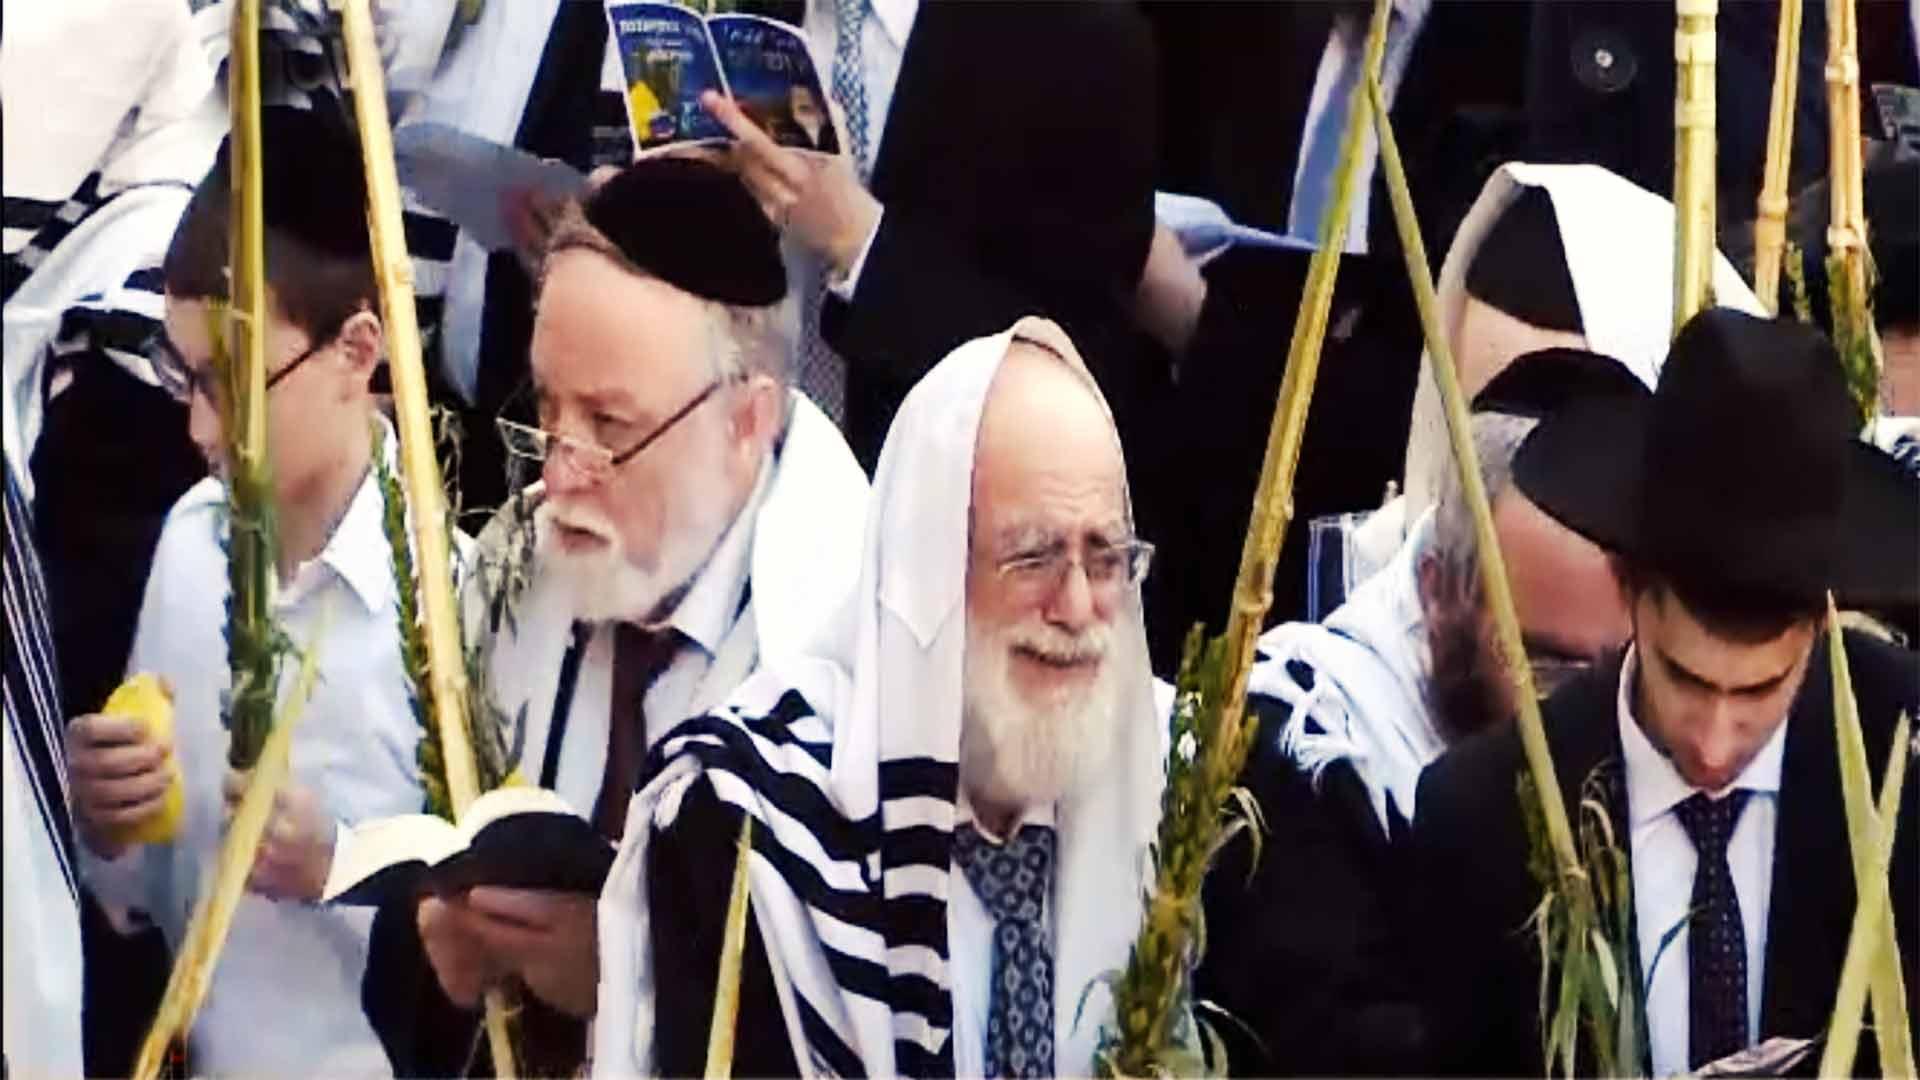 En Büyük Yahudi Nüfusuna Sahip Olan Ülkeler?fit=thumb&w=418&h=152&q=80